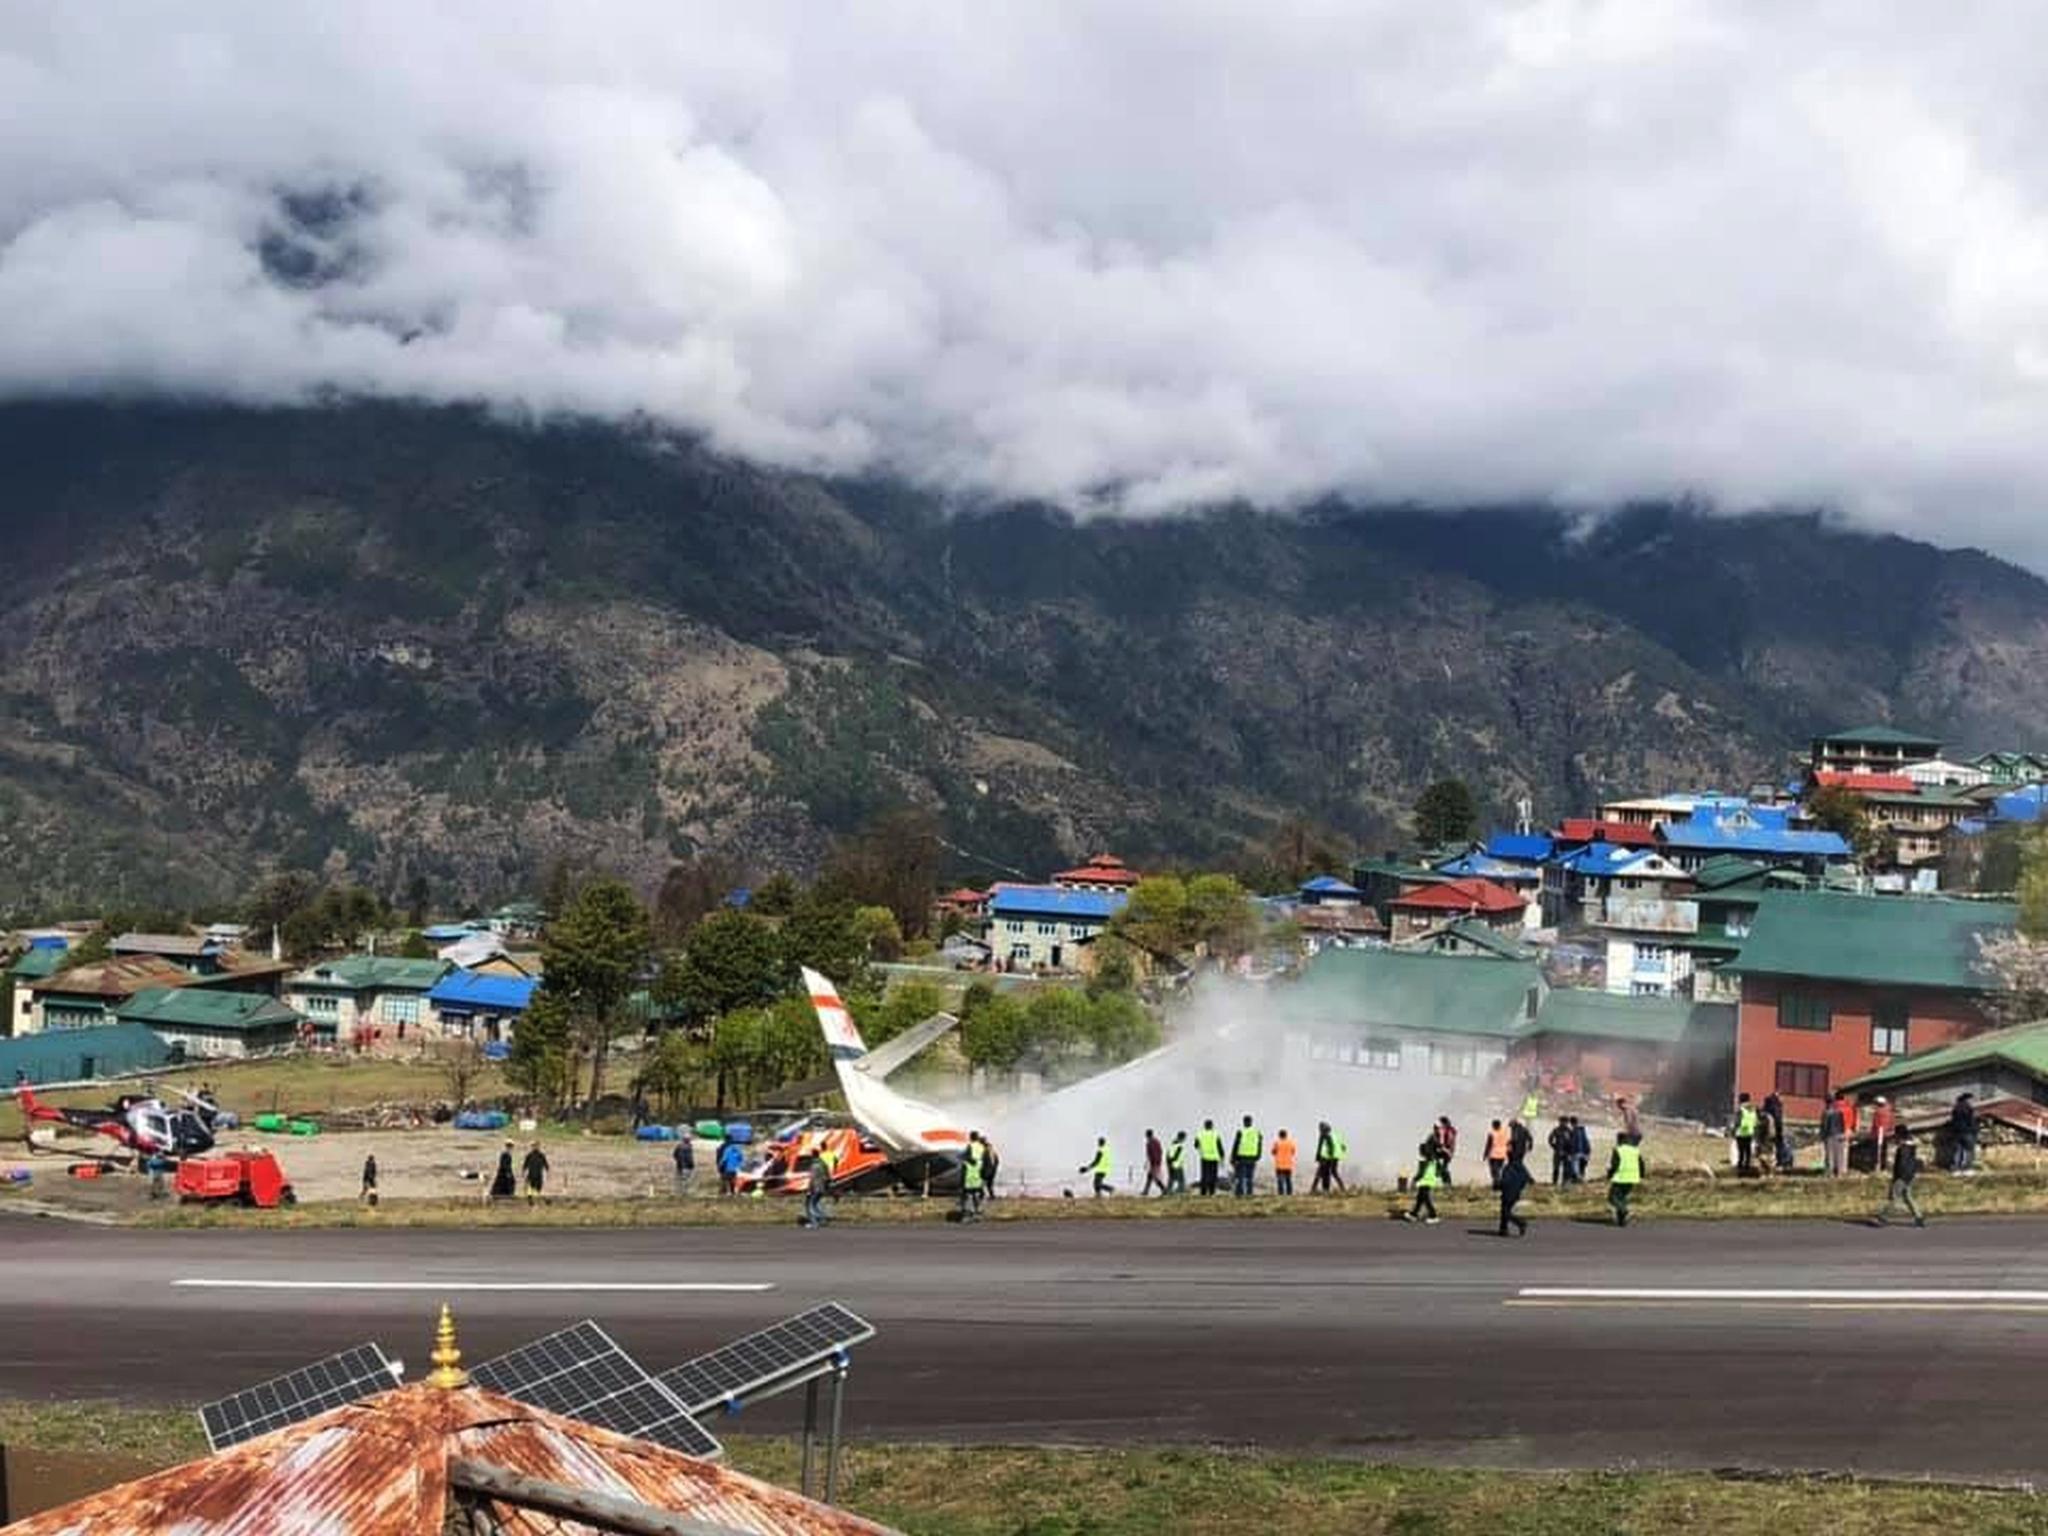 14일(현지시간) 네팔 에베레스트산 관문 루클라의 텐징-힐러리 공항에서 서미트항공 소속 소형비행기가 이륙 도중 주기된 헬리콥터와 충돌했다. [신화=연합뉴스]